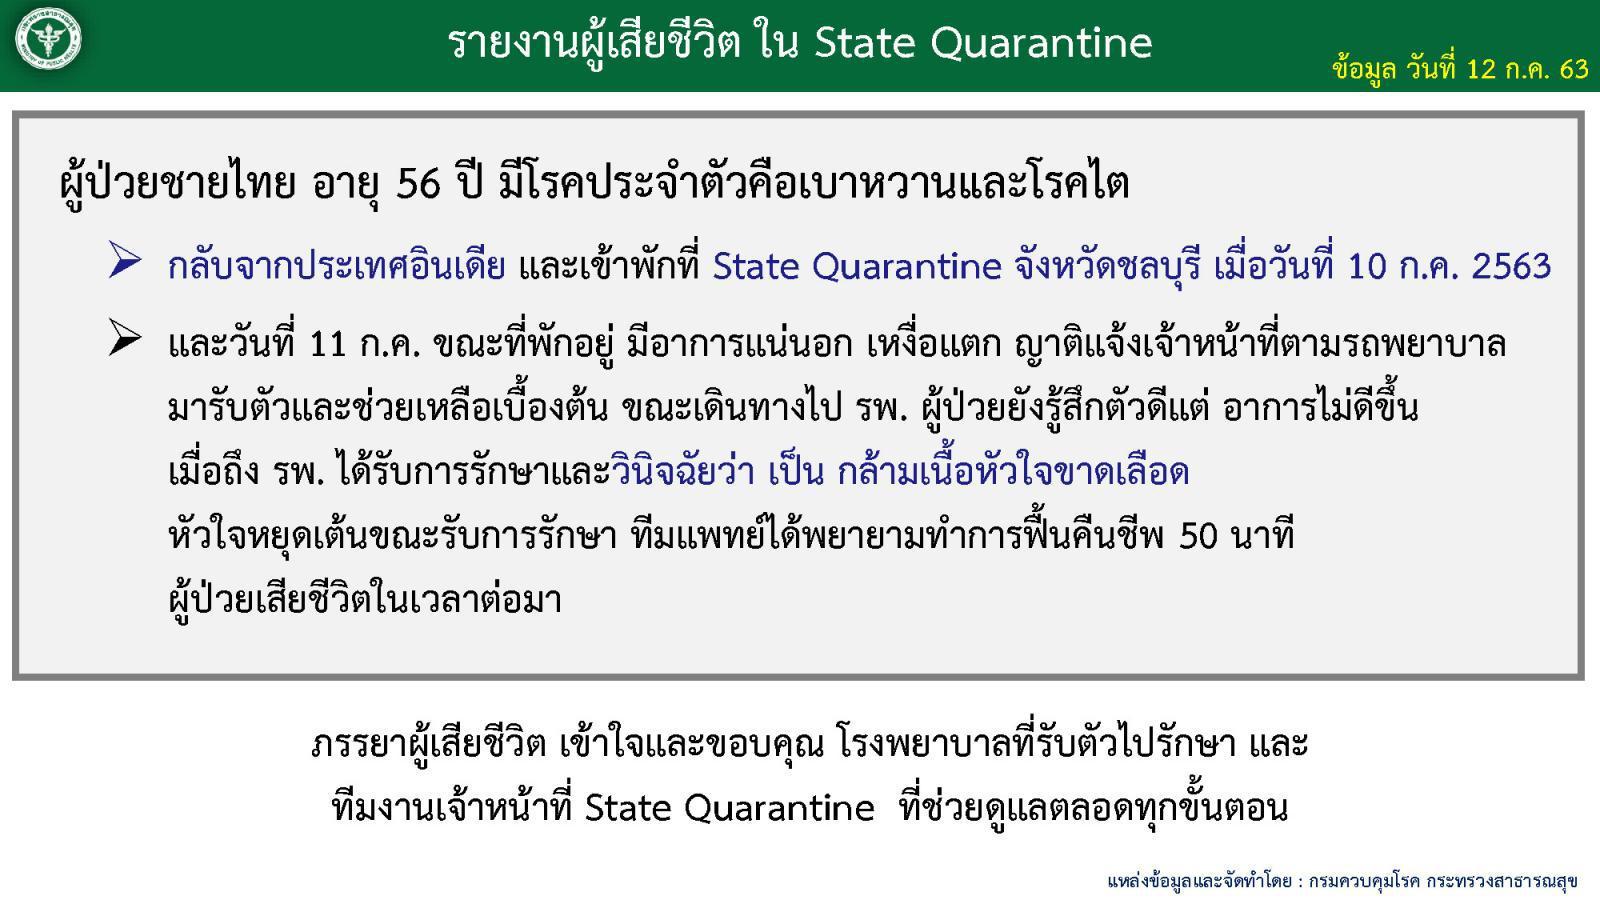 ชายไทยอายุ 56 ปีเสียชีวิตใน State Quarantime เผยมีโรคประจำตัว